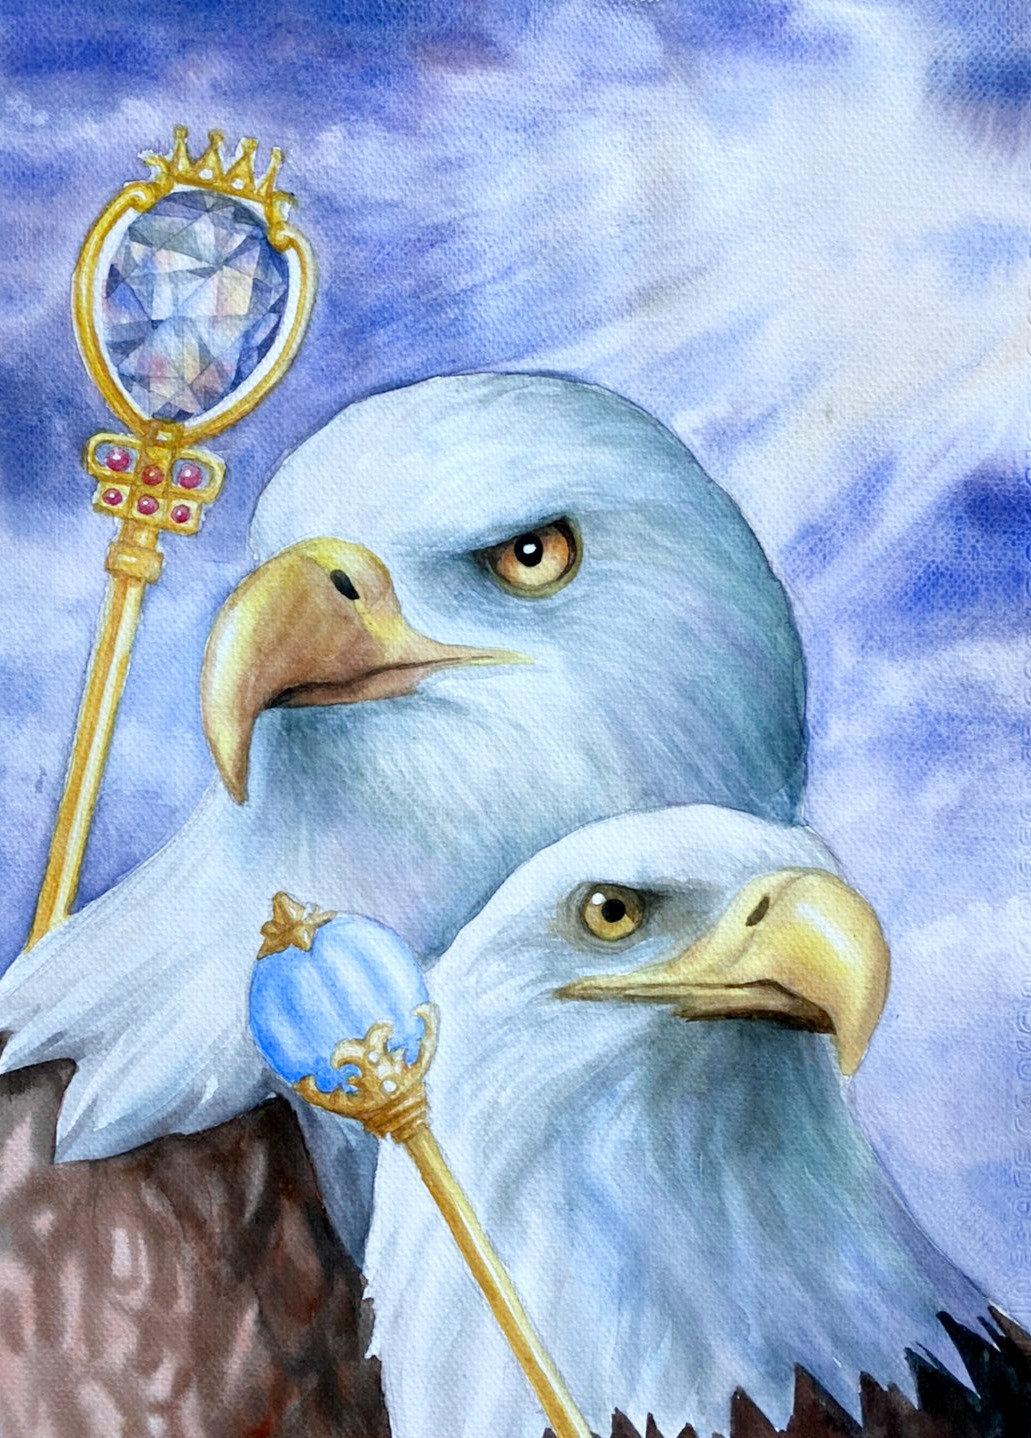 วาดภาพนกด้วยสีน้ำ